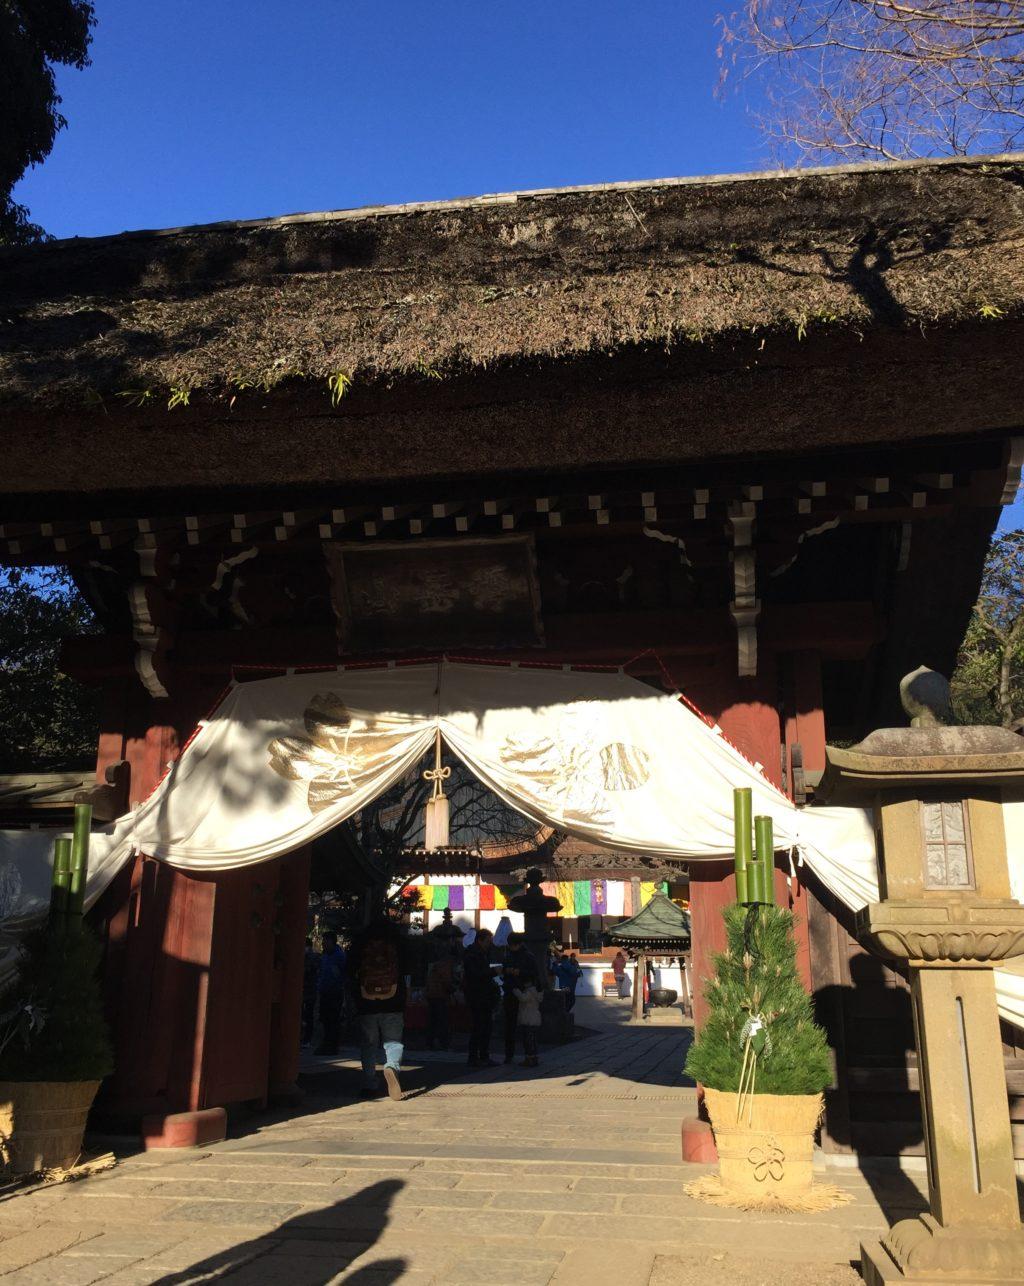 東京都内おススメのパワースポット 深大寺(じんだいじ) 神代植物公園